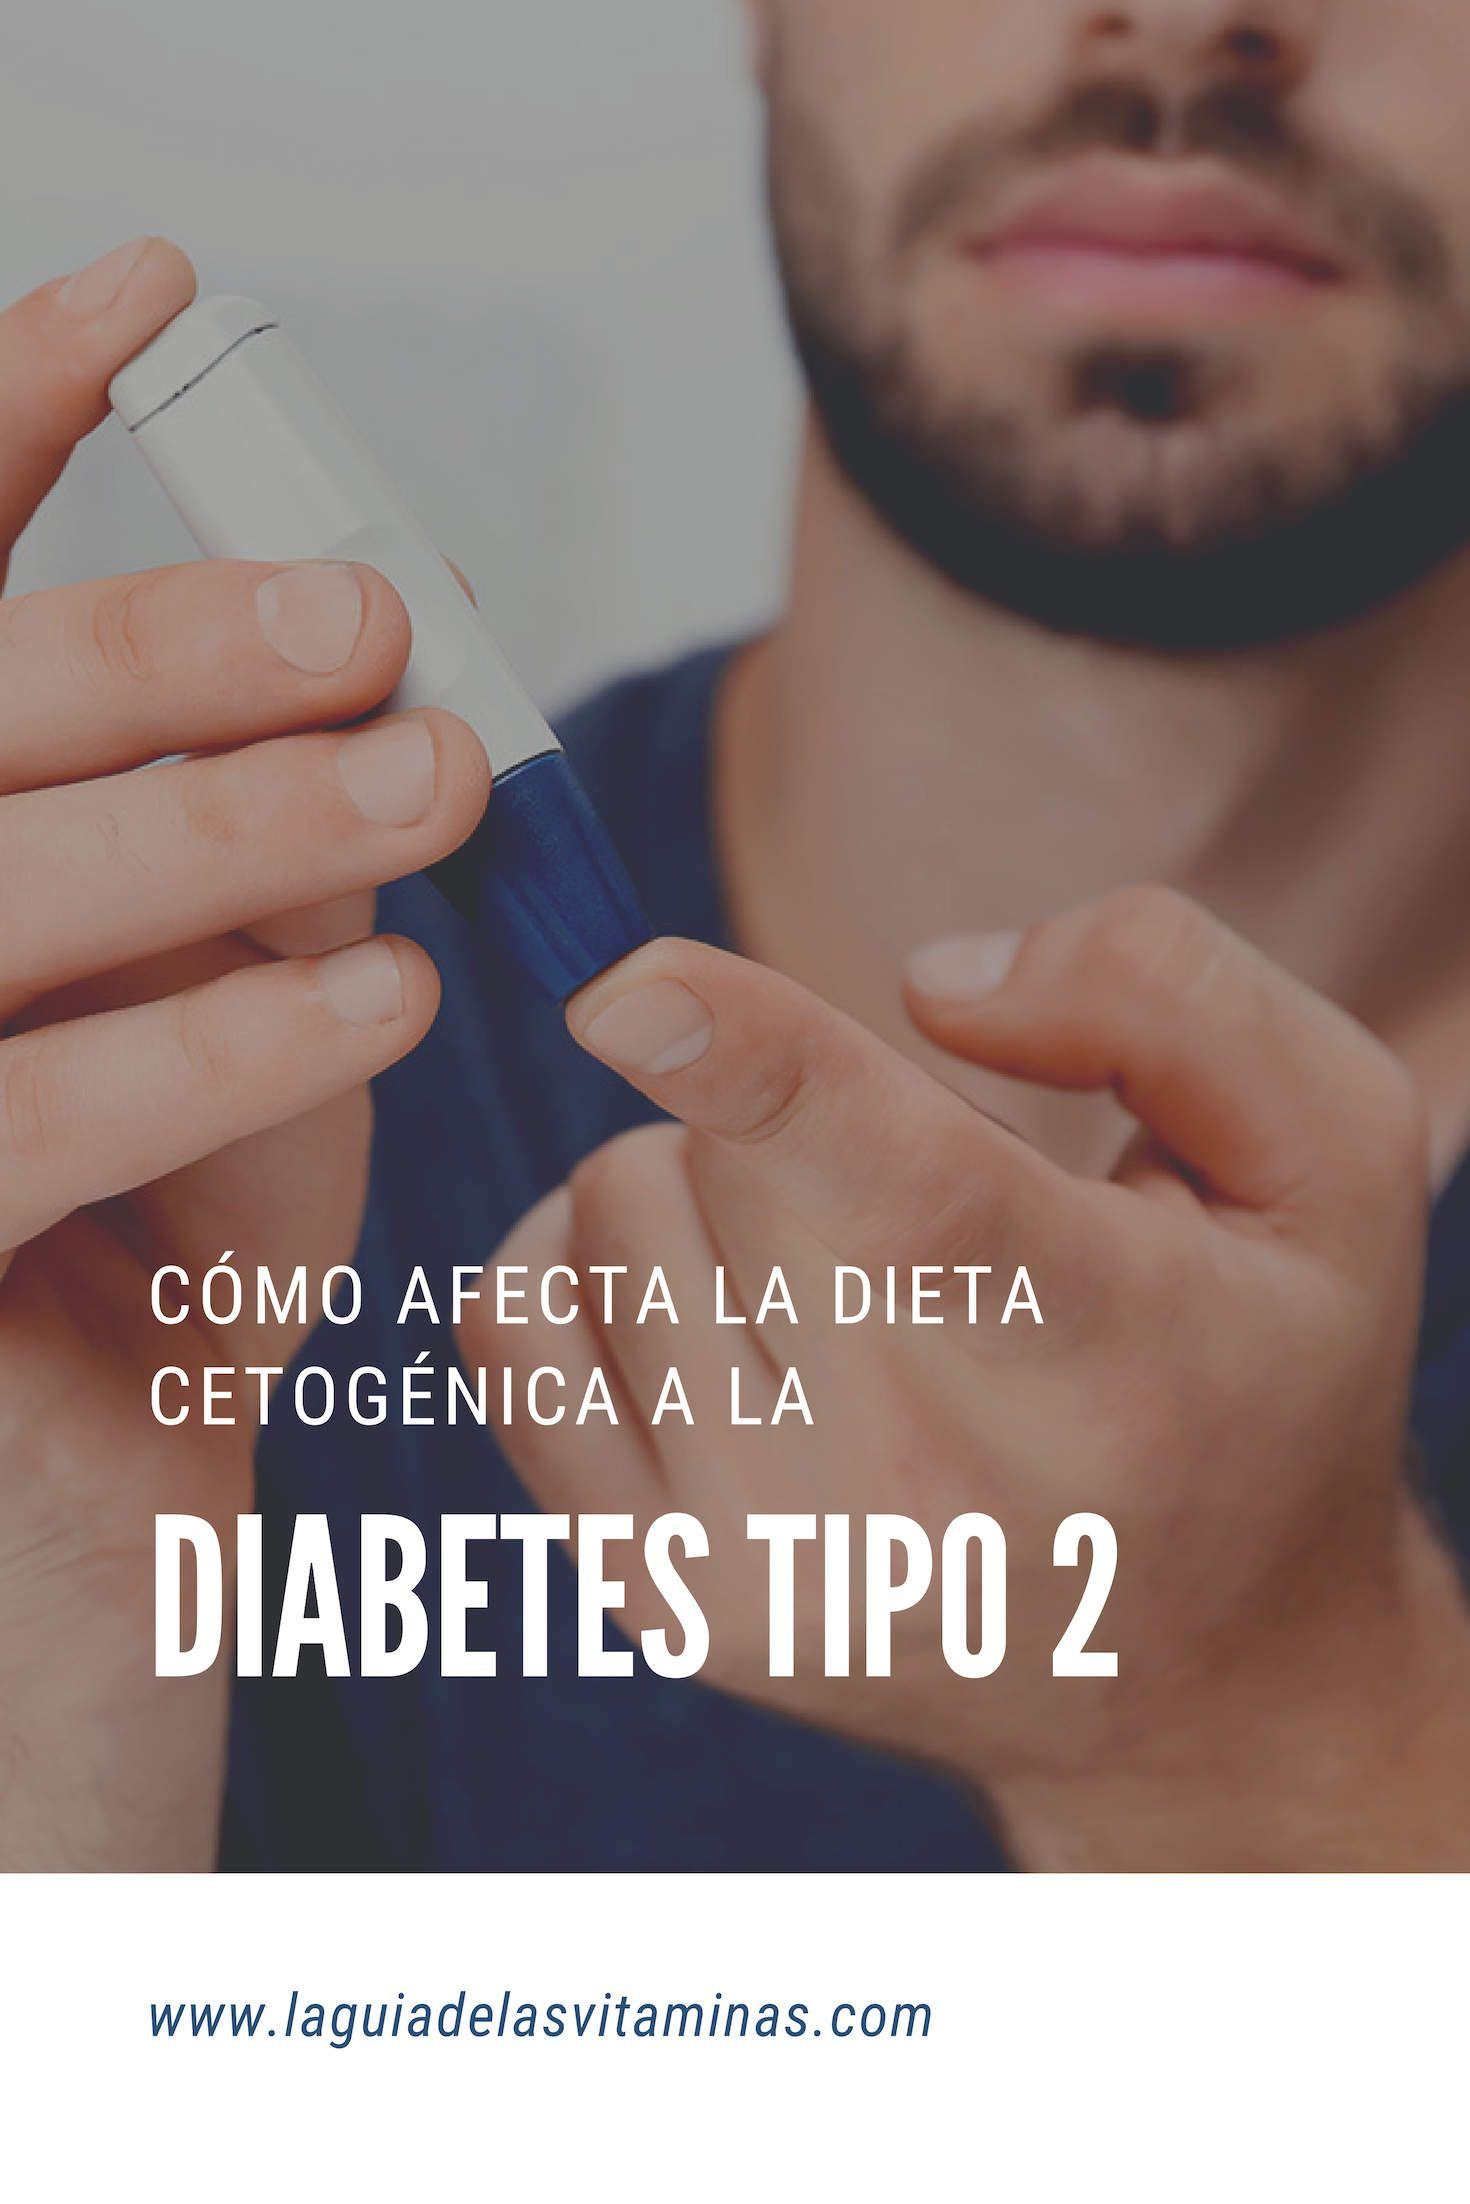 ¿Puede la dieta cetogénica causar diabetes?